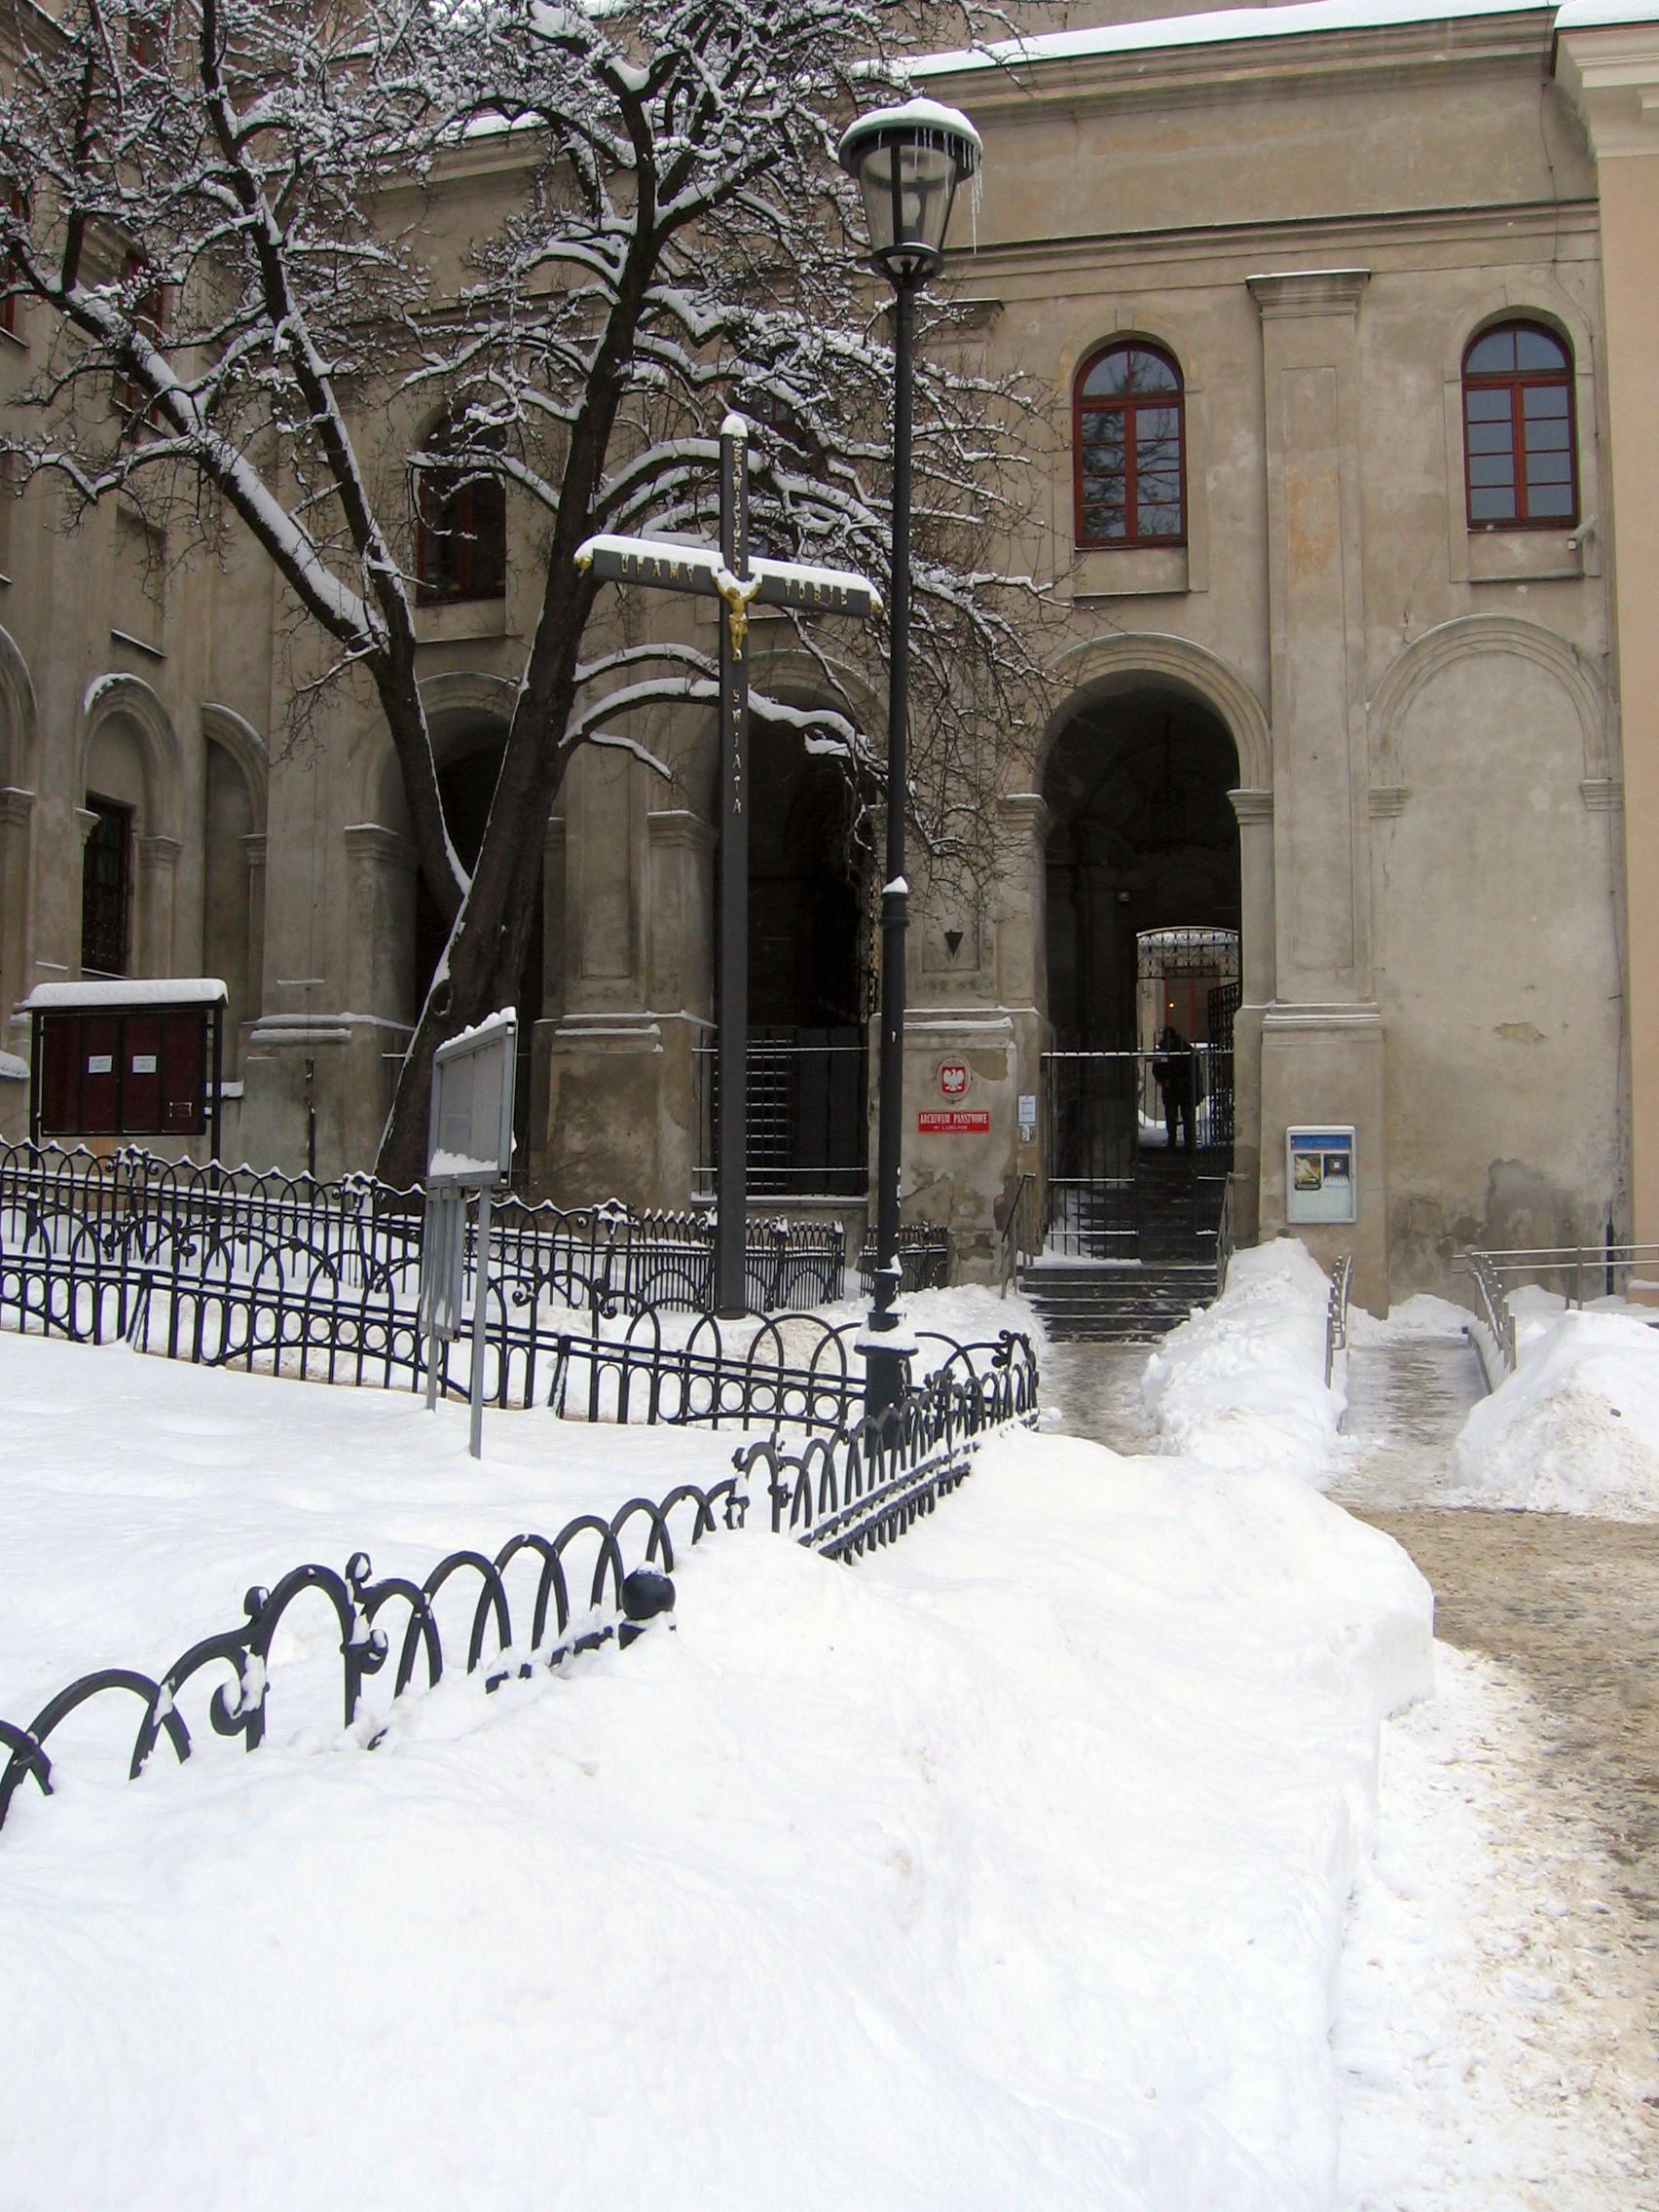 ארכיון לובלין, פברואר 2010